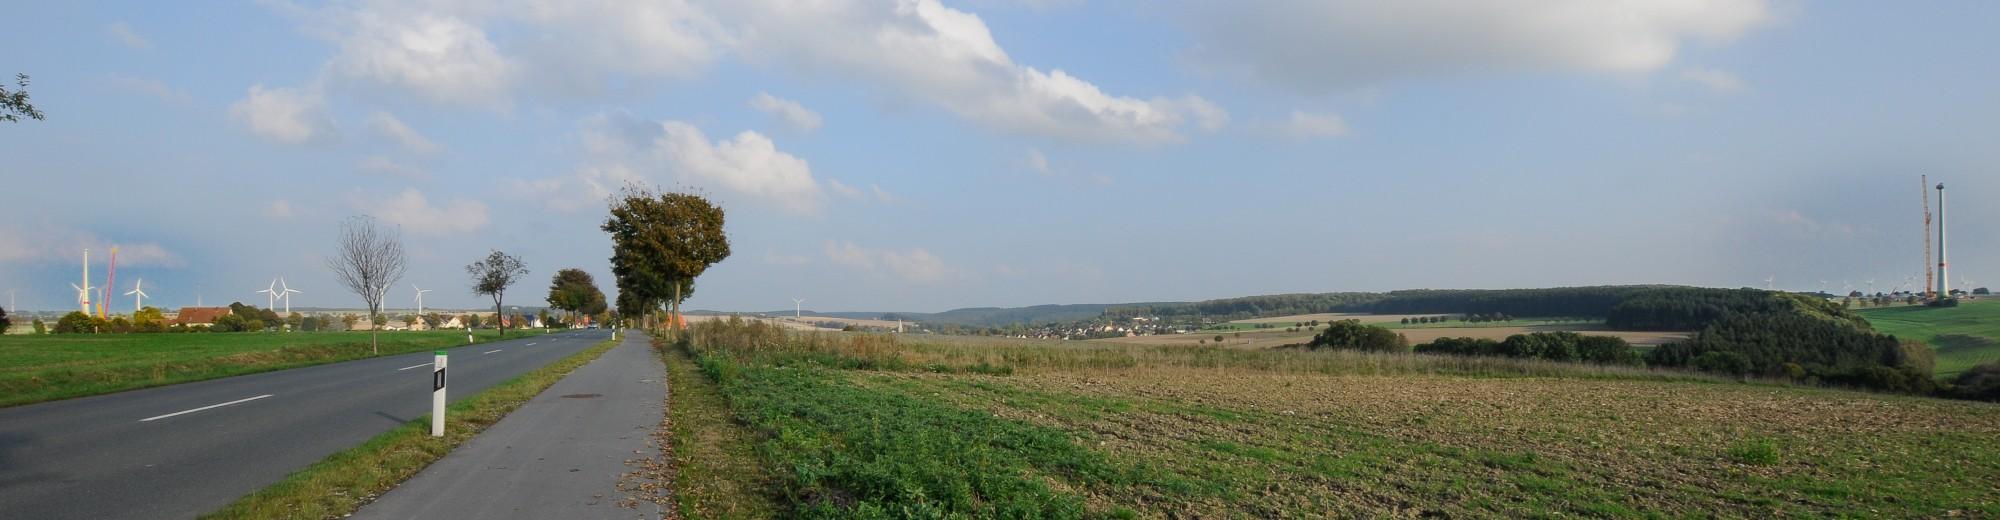 DaWI Paderborn